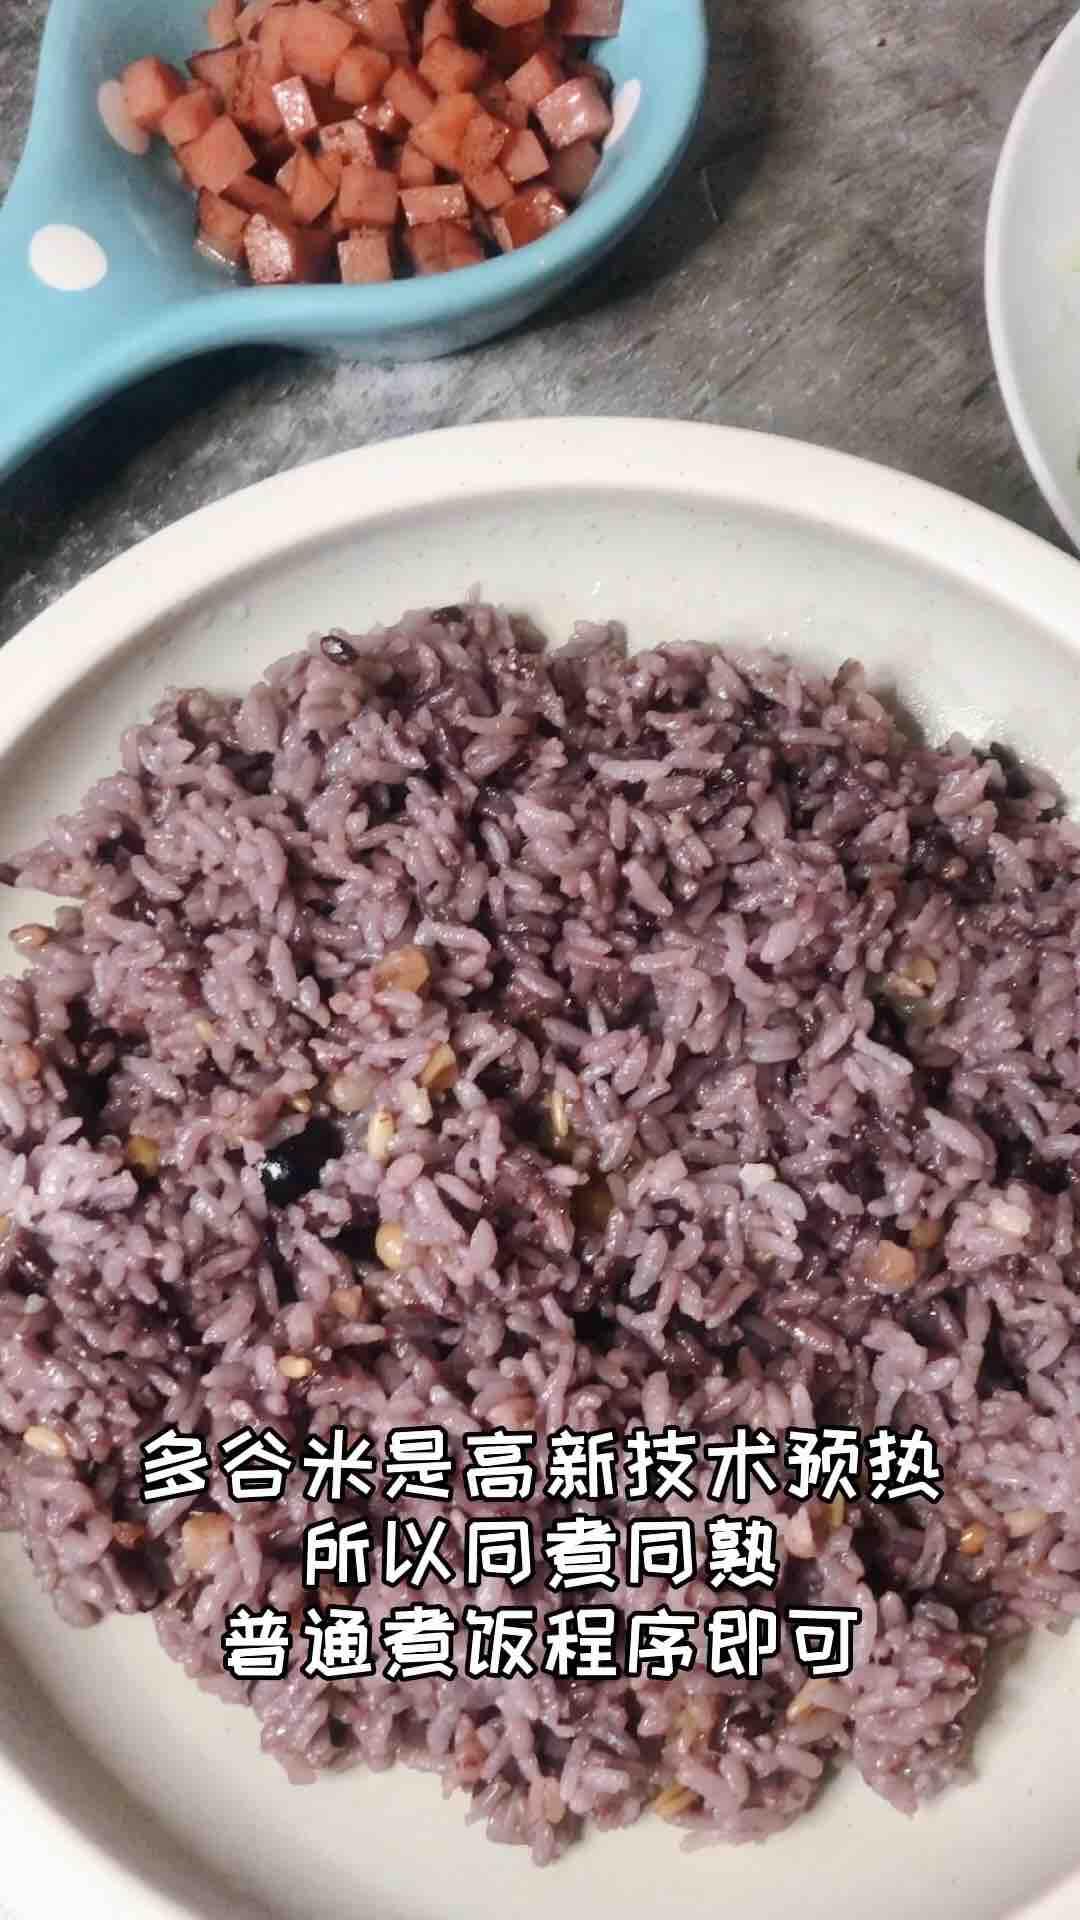 营养多谷米韩式拌饭怎么做